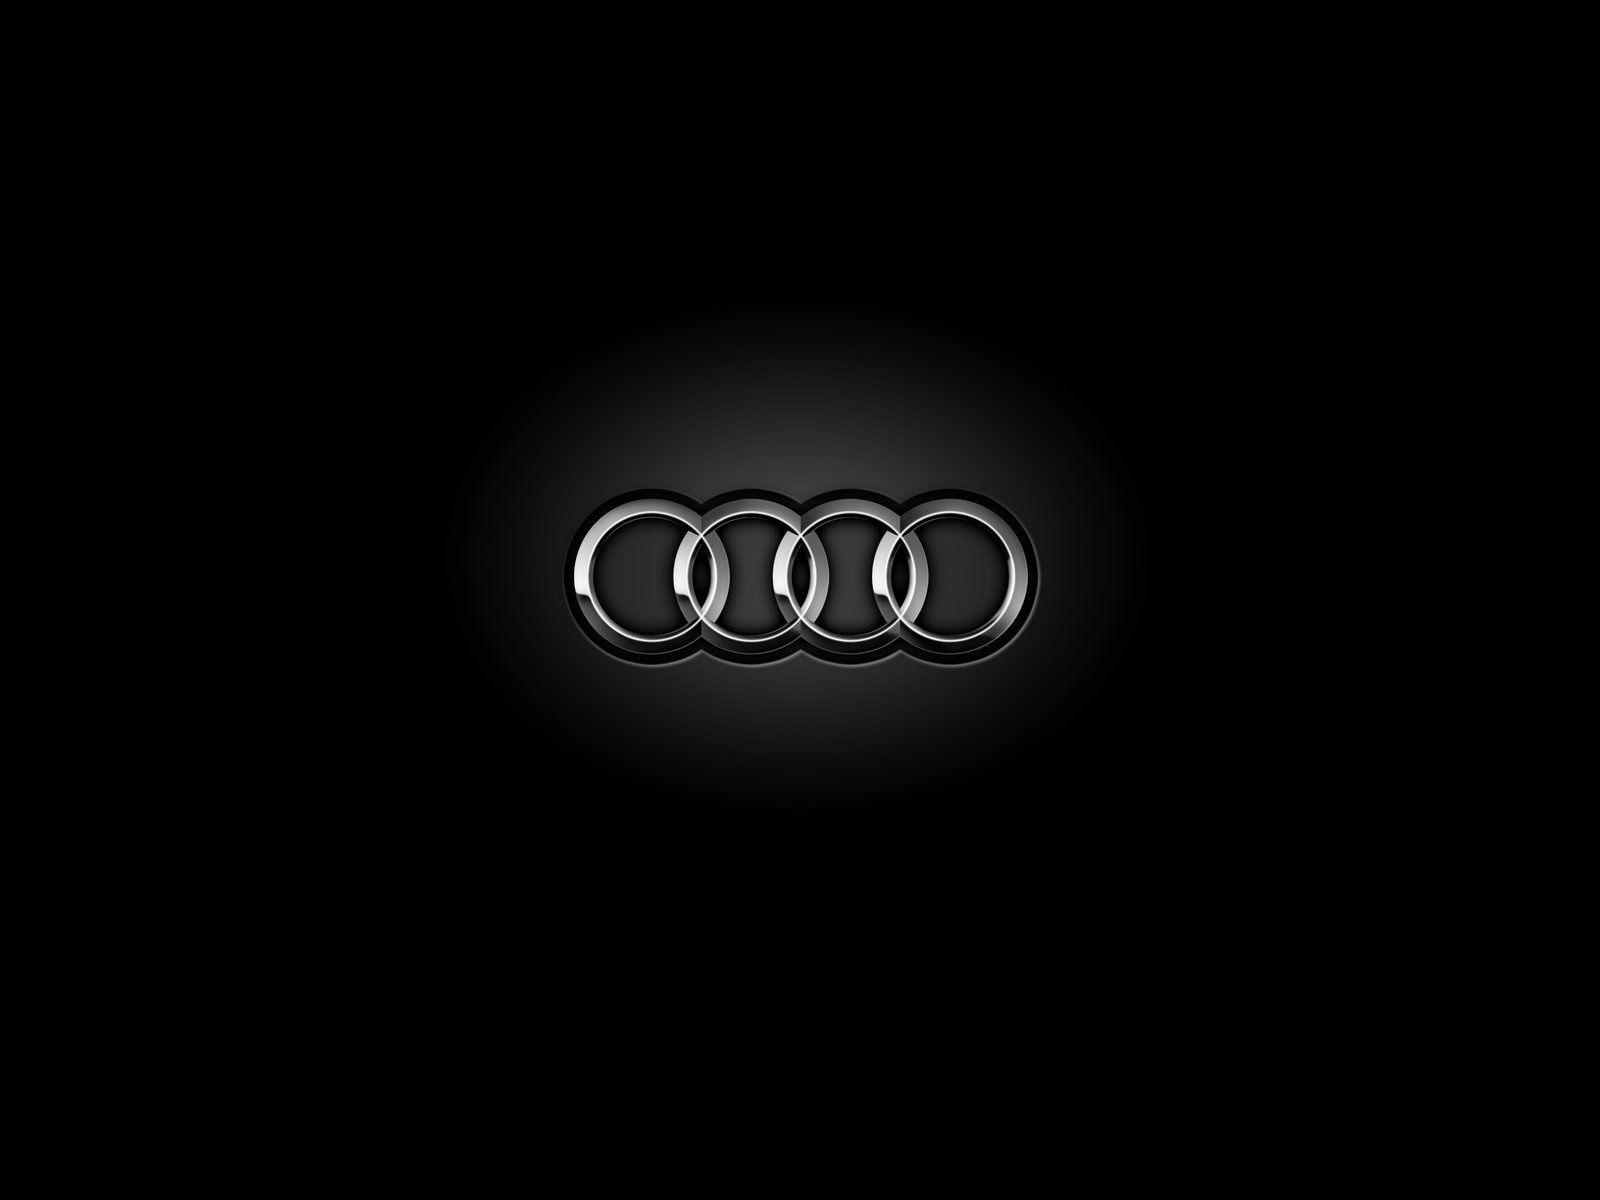 Hd Mercedes Logo 4k Wallpaper For Ipad